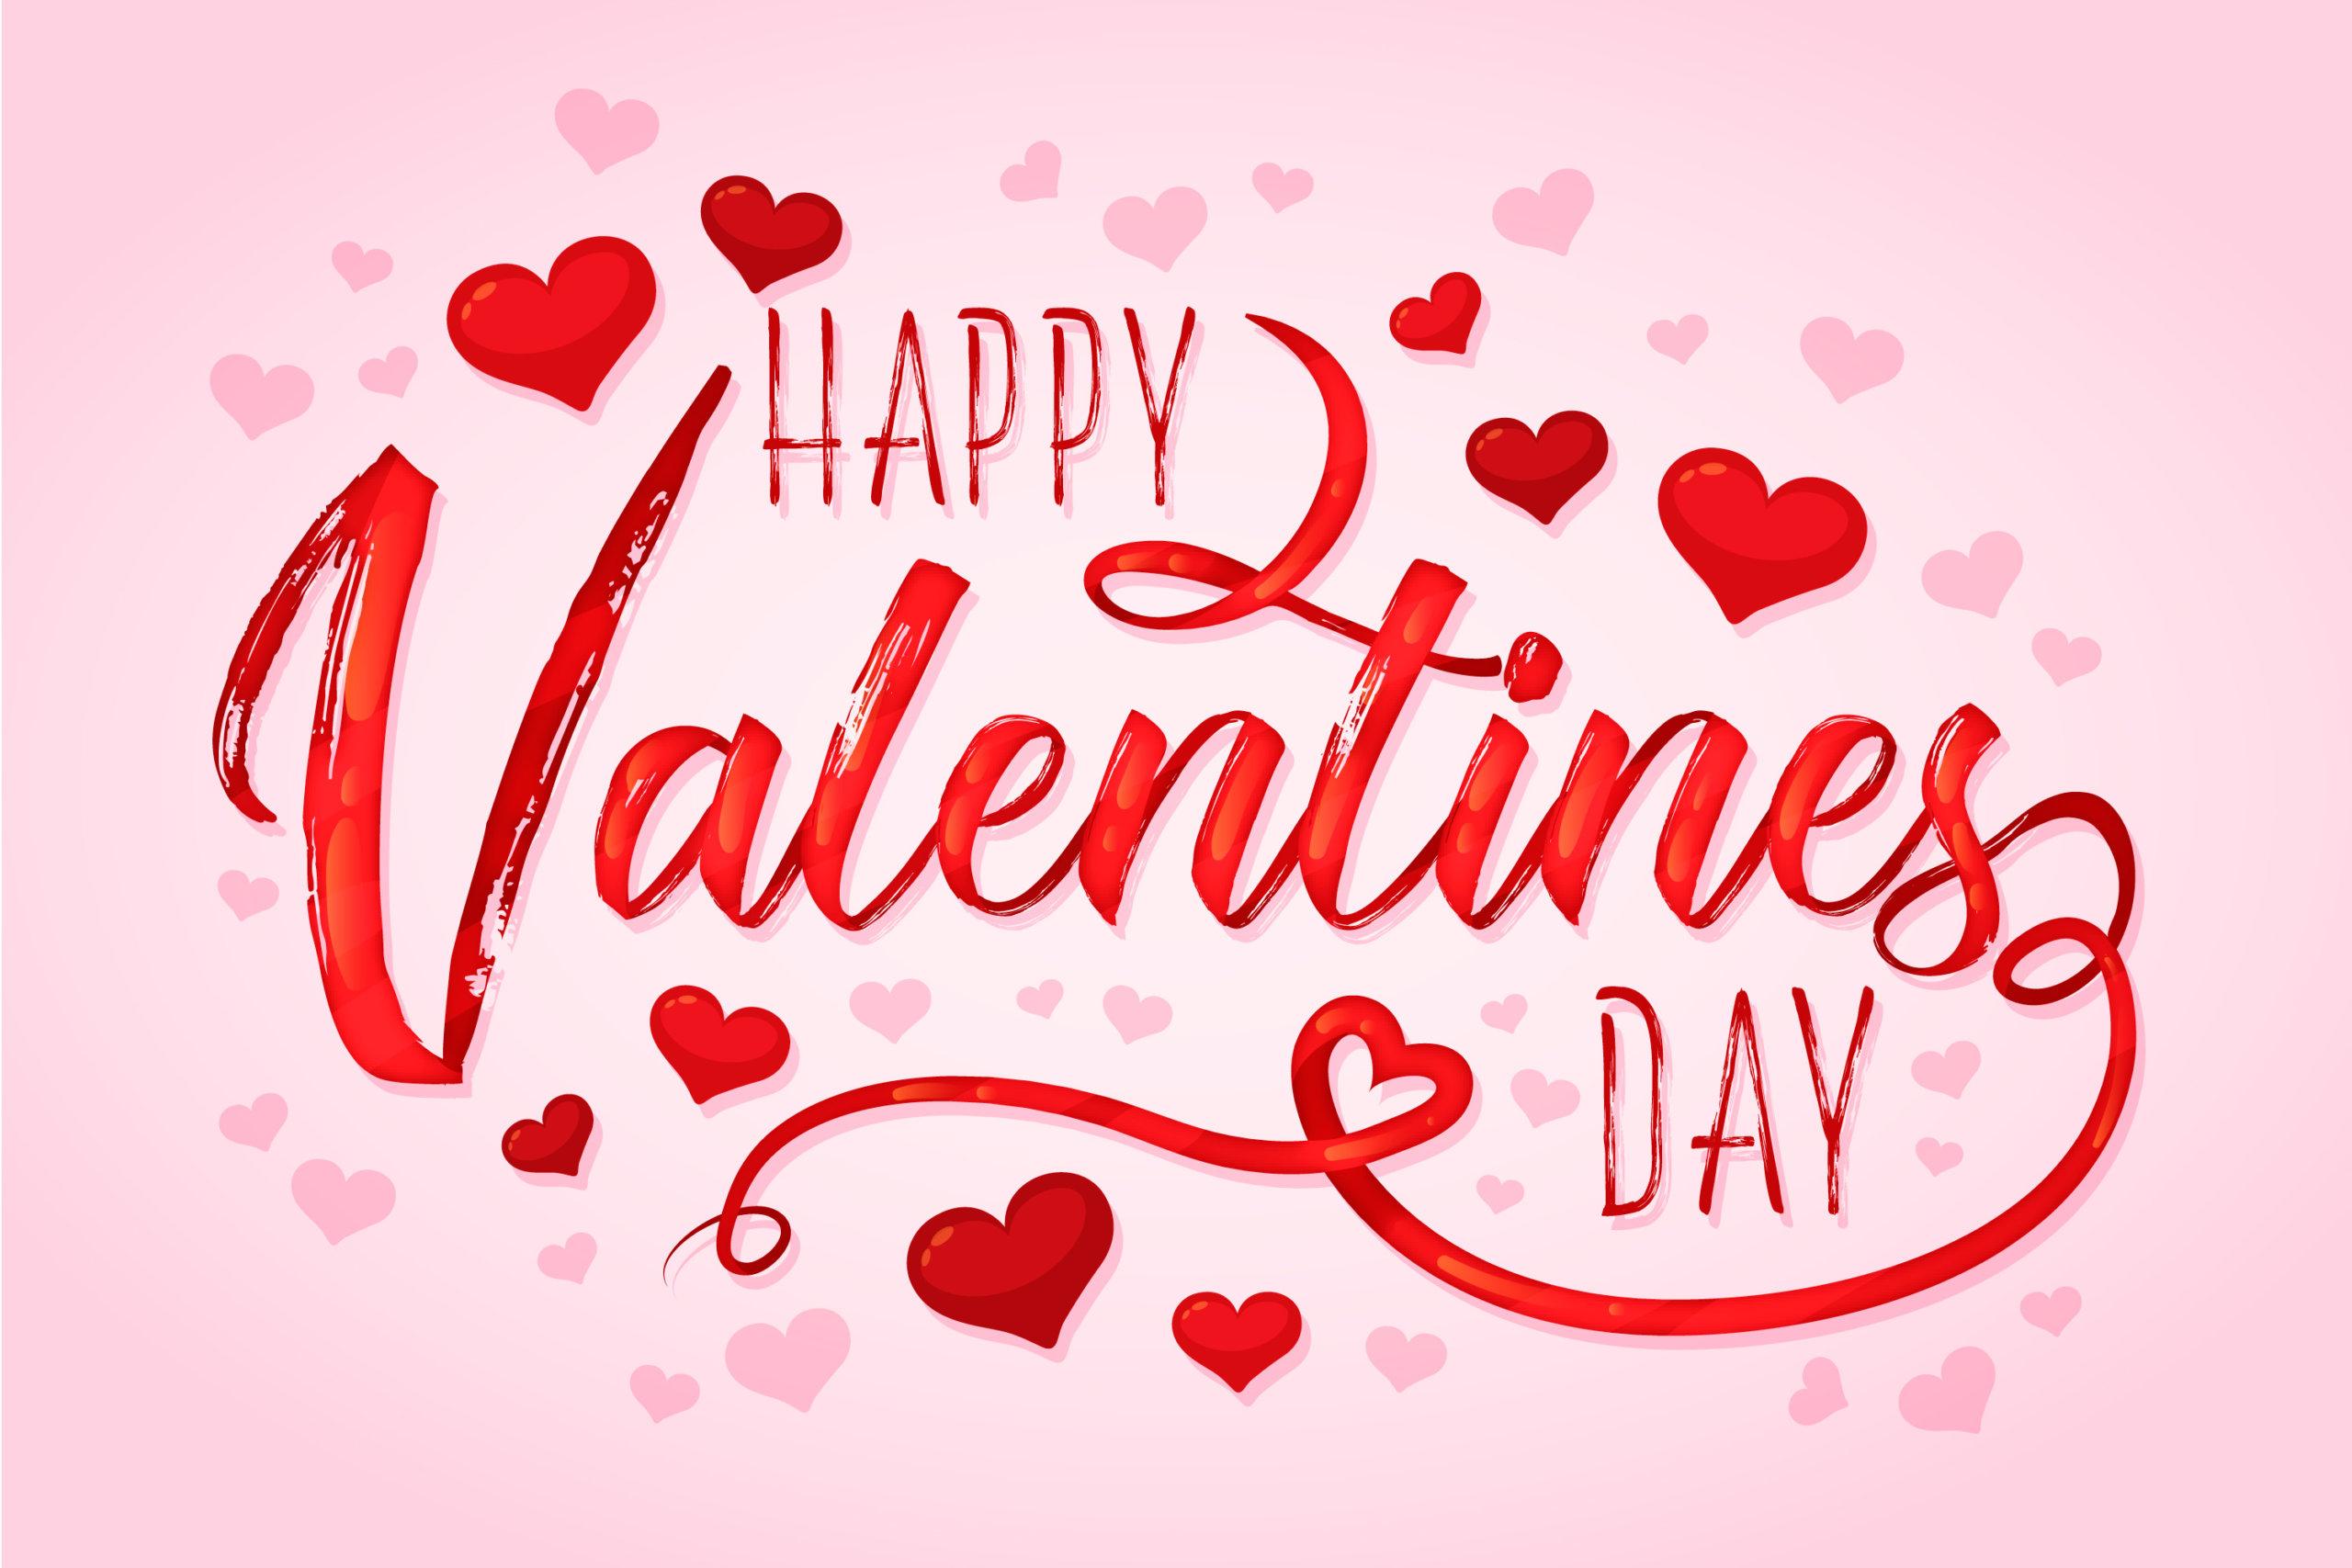 16款七夕节情人节爱心心形公益慈善海报传单AI设计素材 Valentines Day Love Promotion Poster插图9